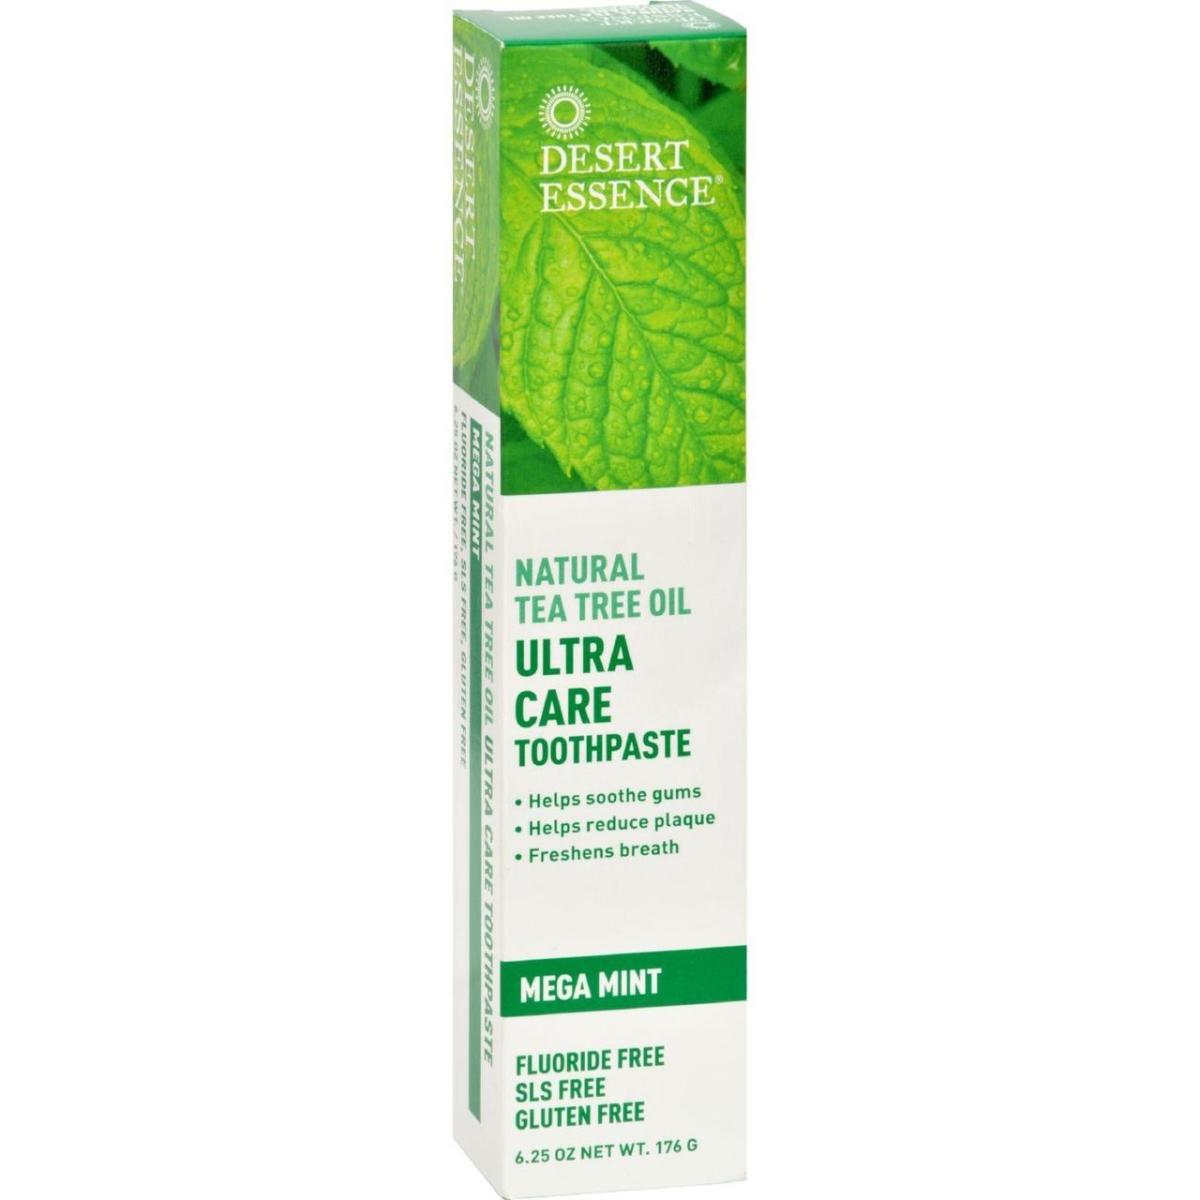 Desert Essence HG1246552 6.25 oz Tea Tree U-Care Mint Toothpaste